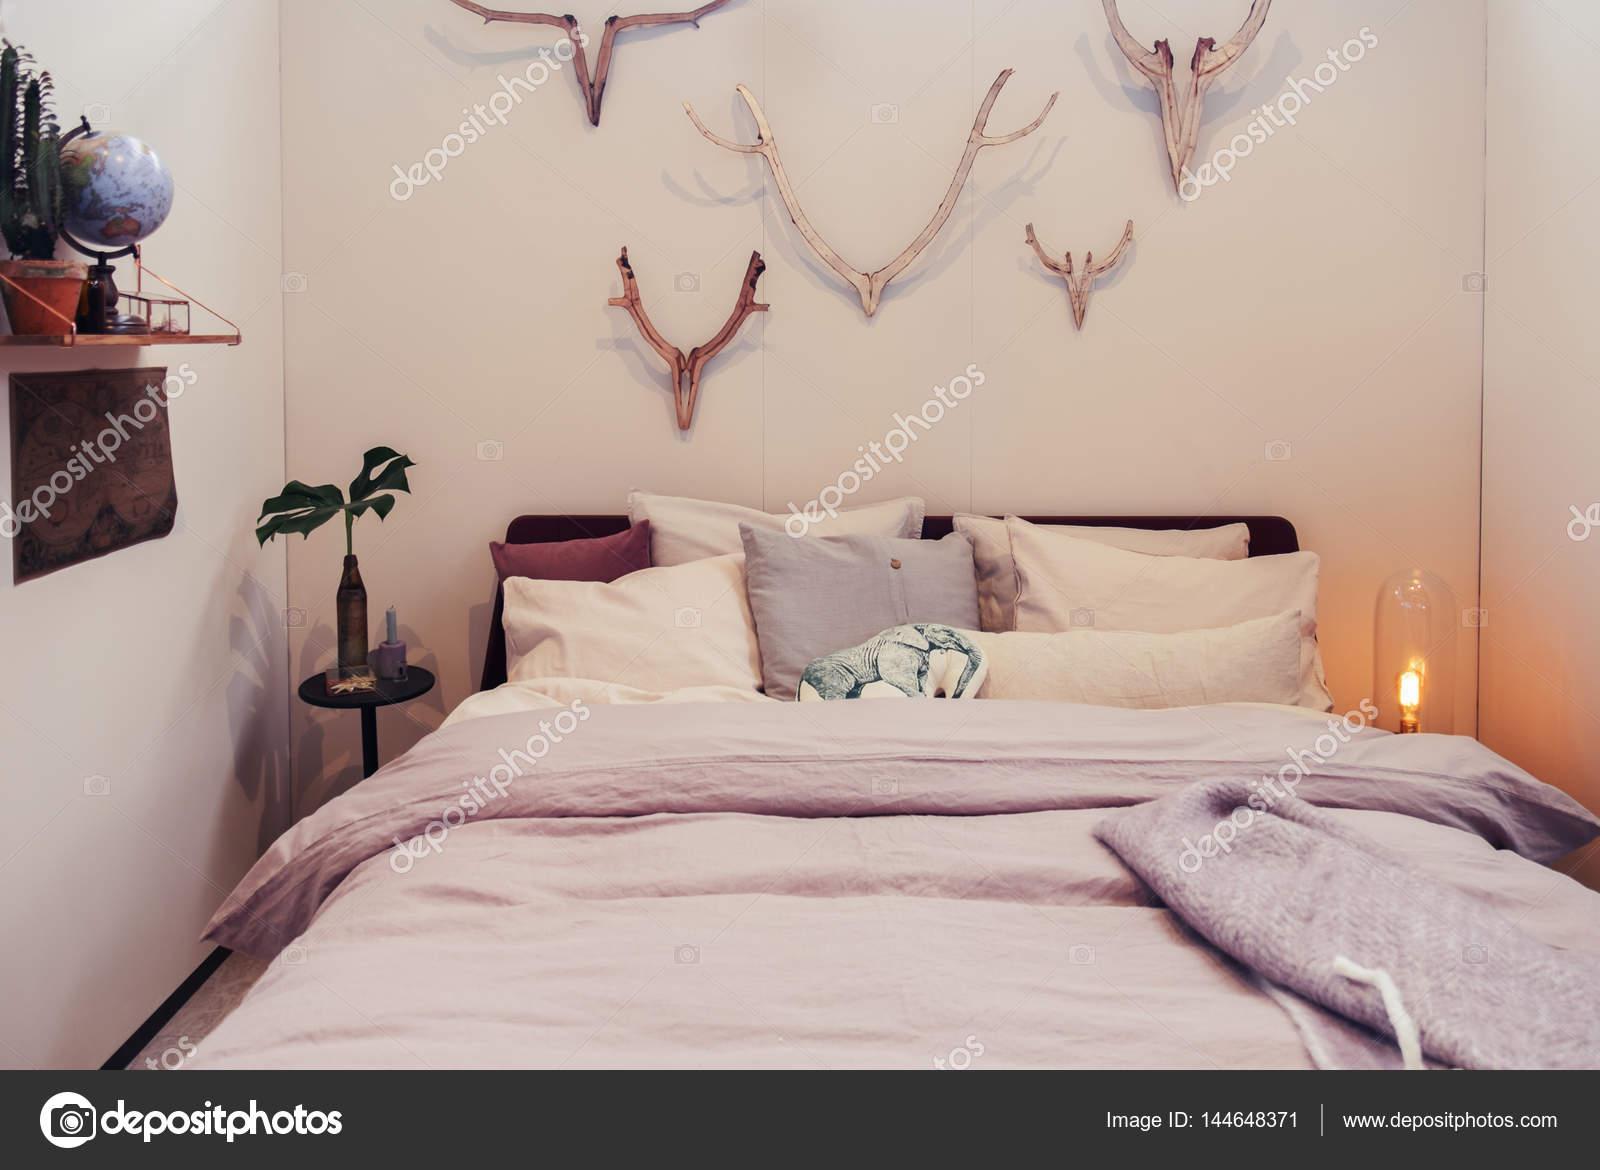 Houten Muurdecoratie Slaapkamer : Wanddecoratie in slaapkamer u stockfoto araraadt